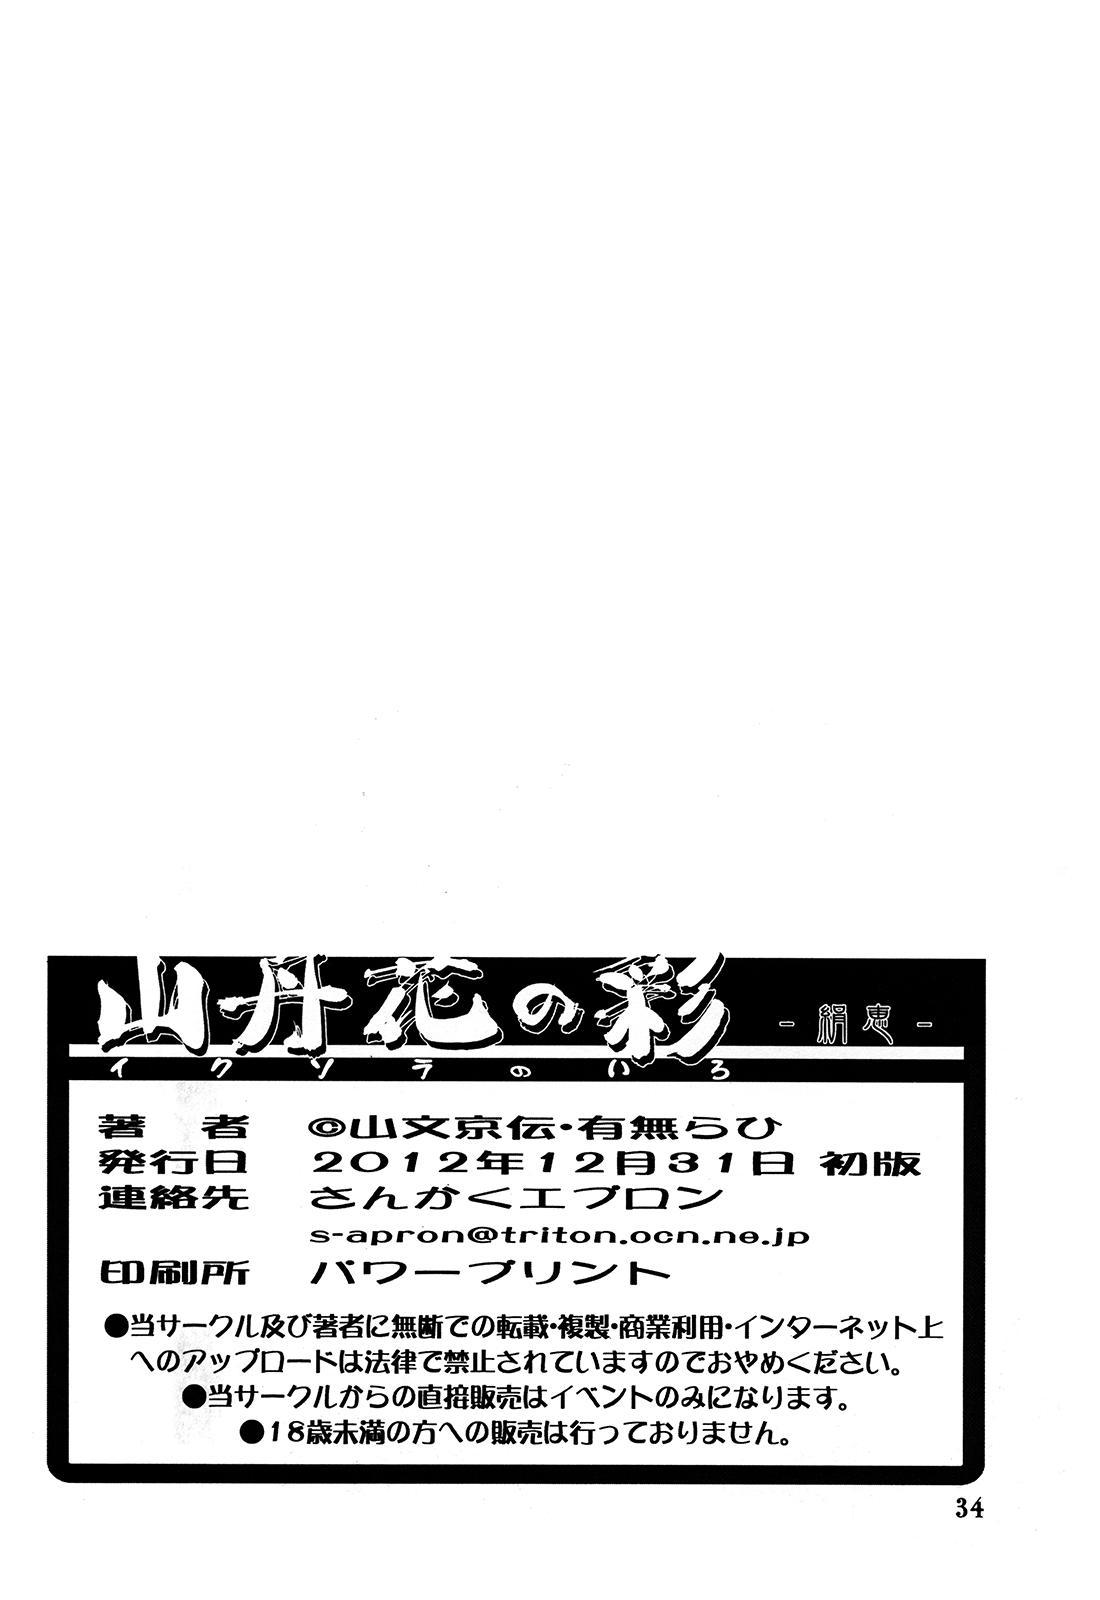 Ikusora no iro - Kinue 33